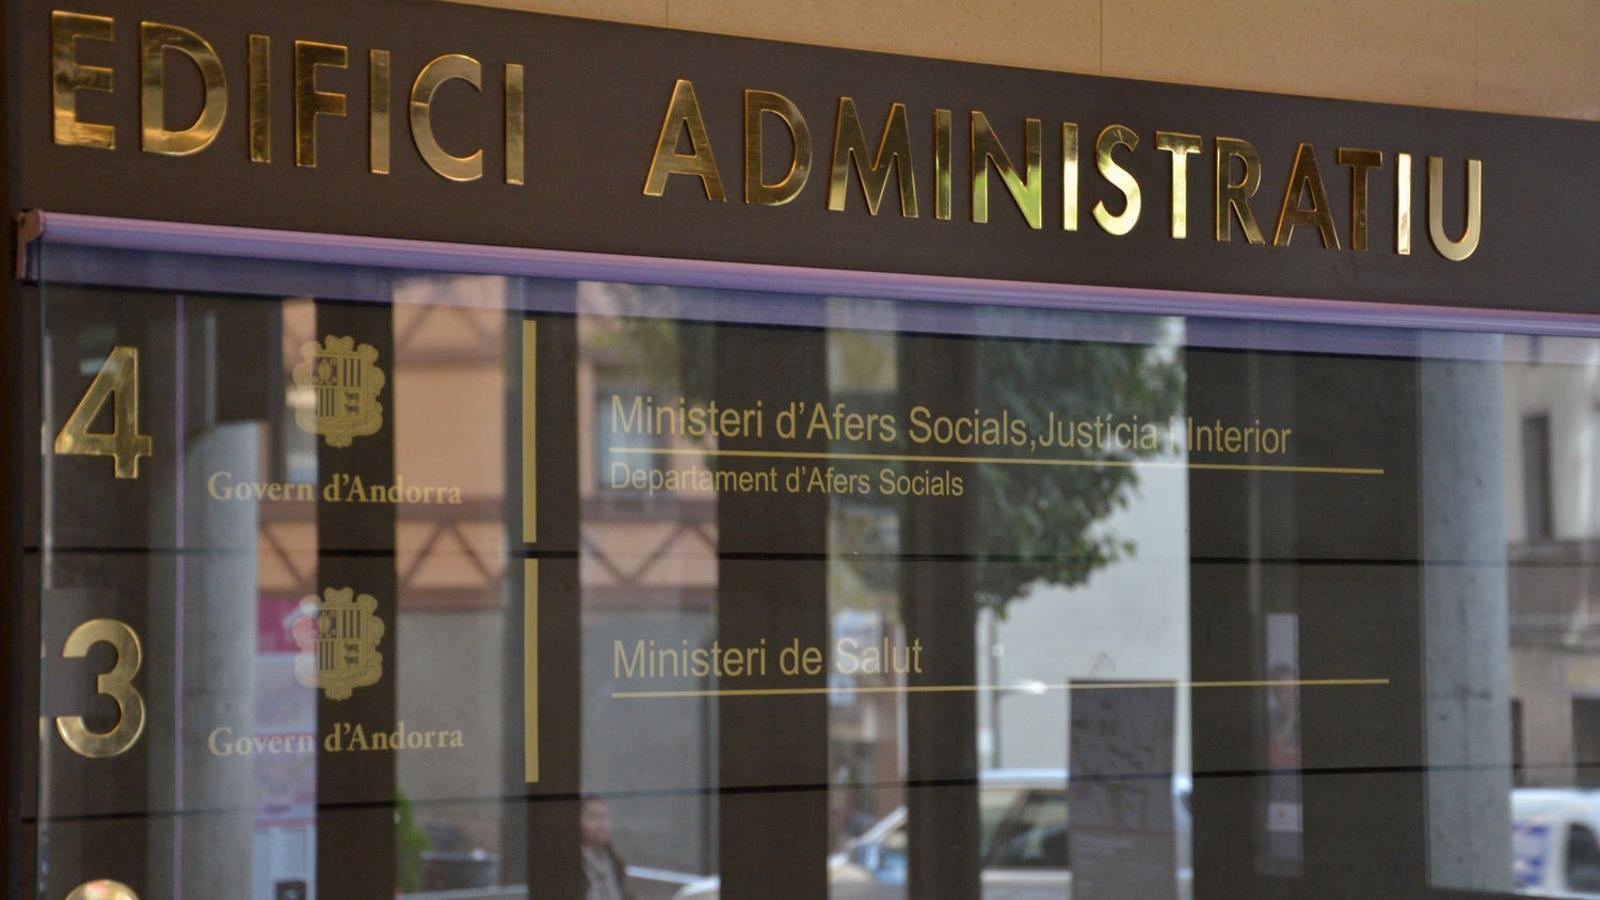 La façana de l'edifici on està el ministeri d'Afers Socials./ Arxiu ANA